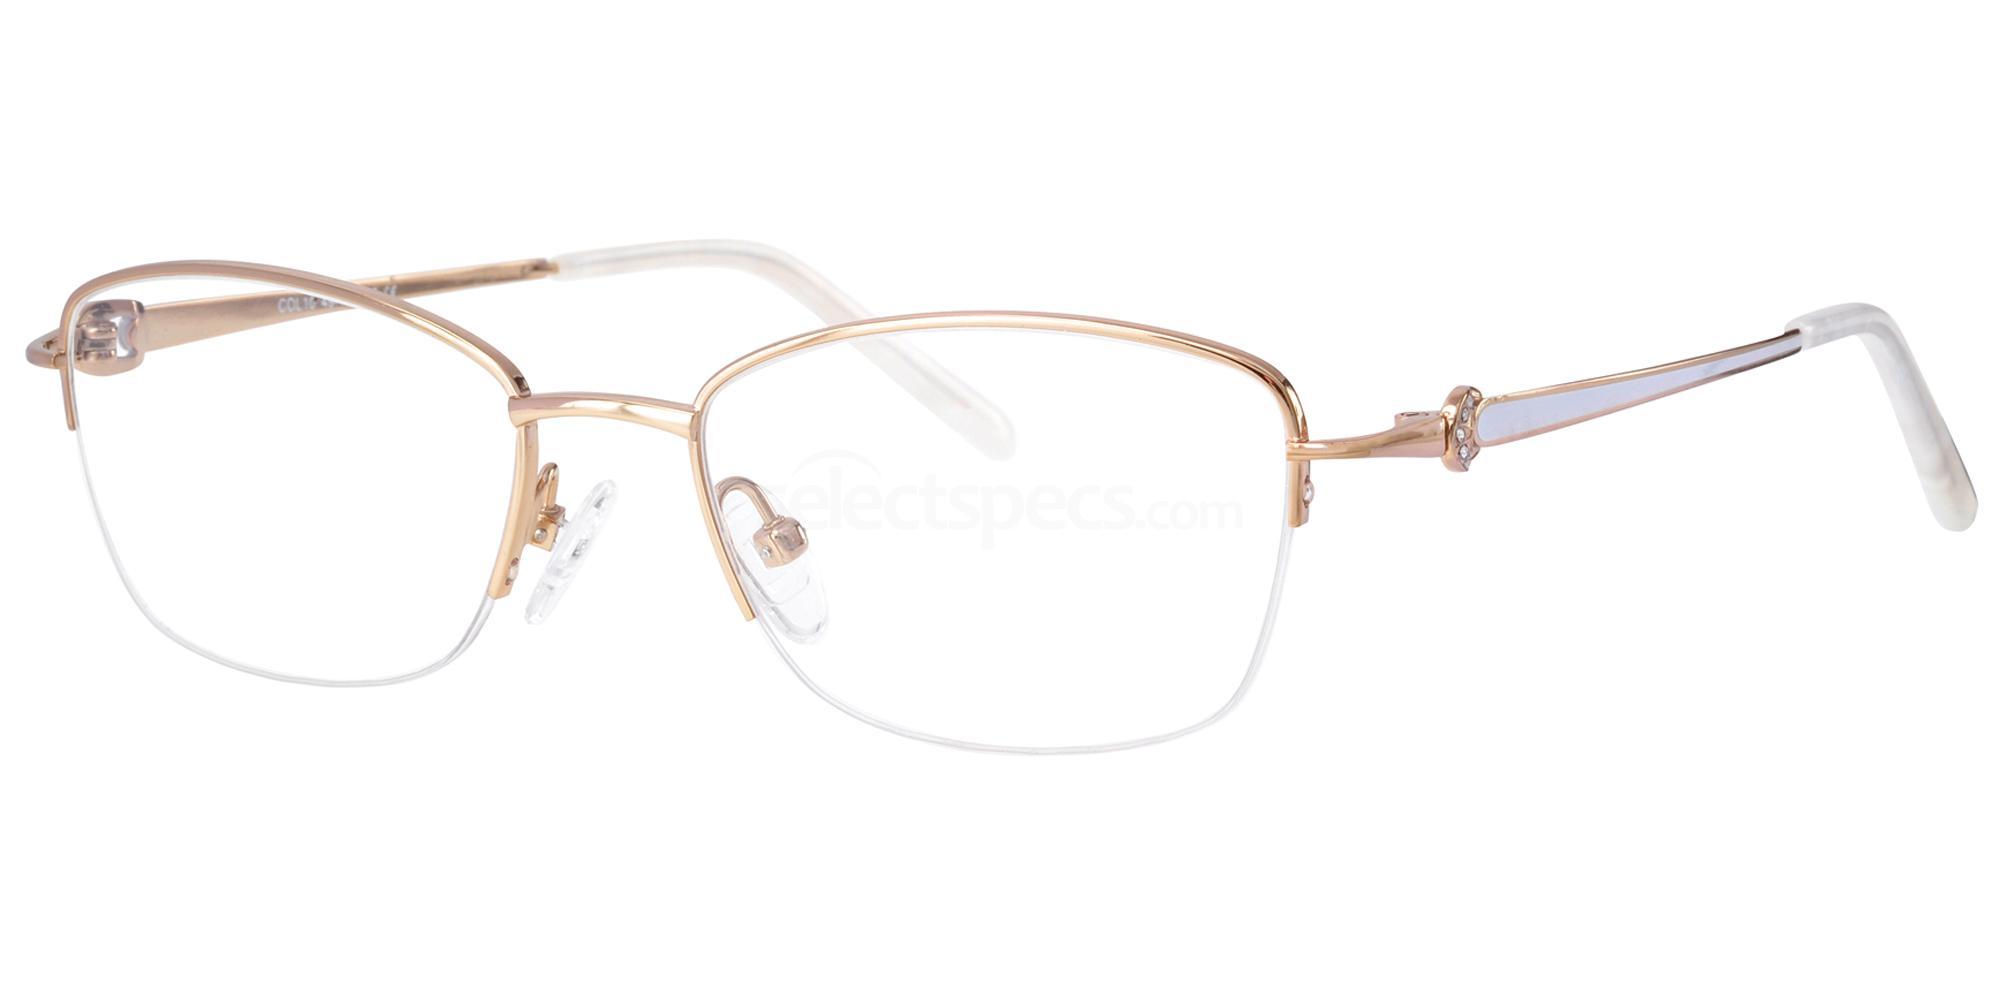 C10 723 Glasses, Ferucci Titanium